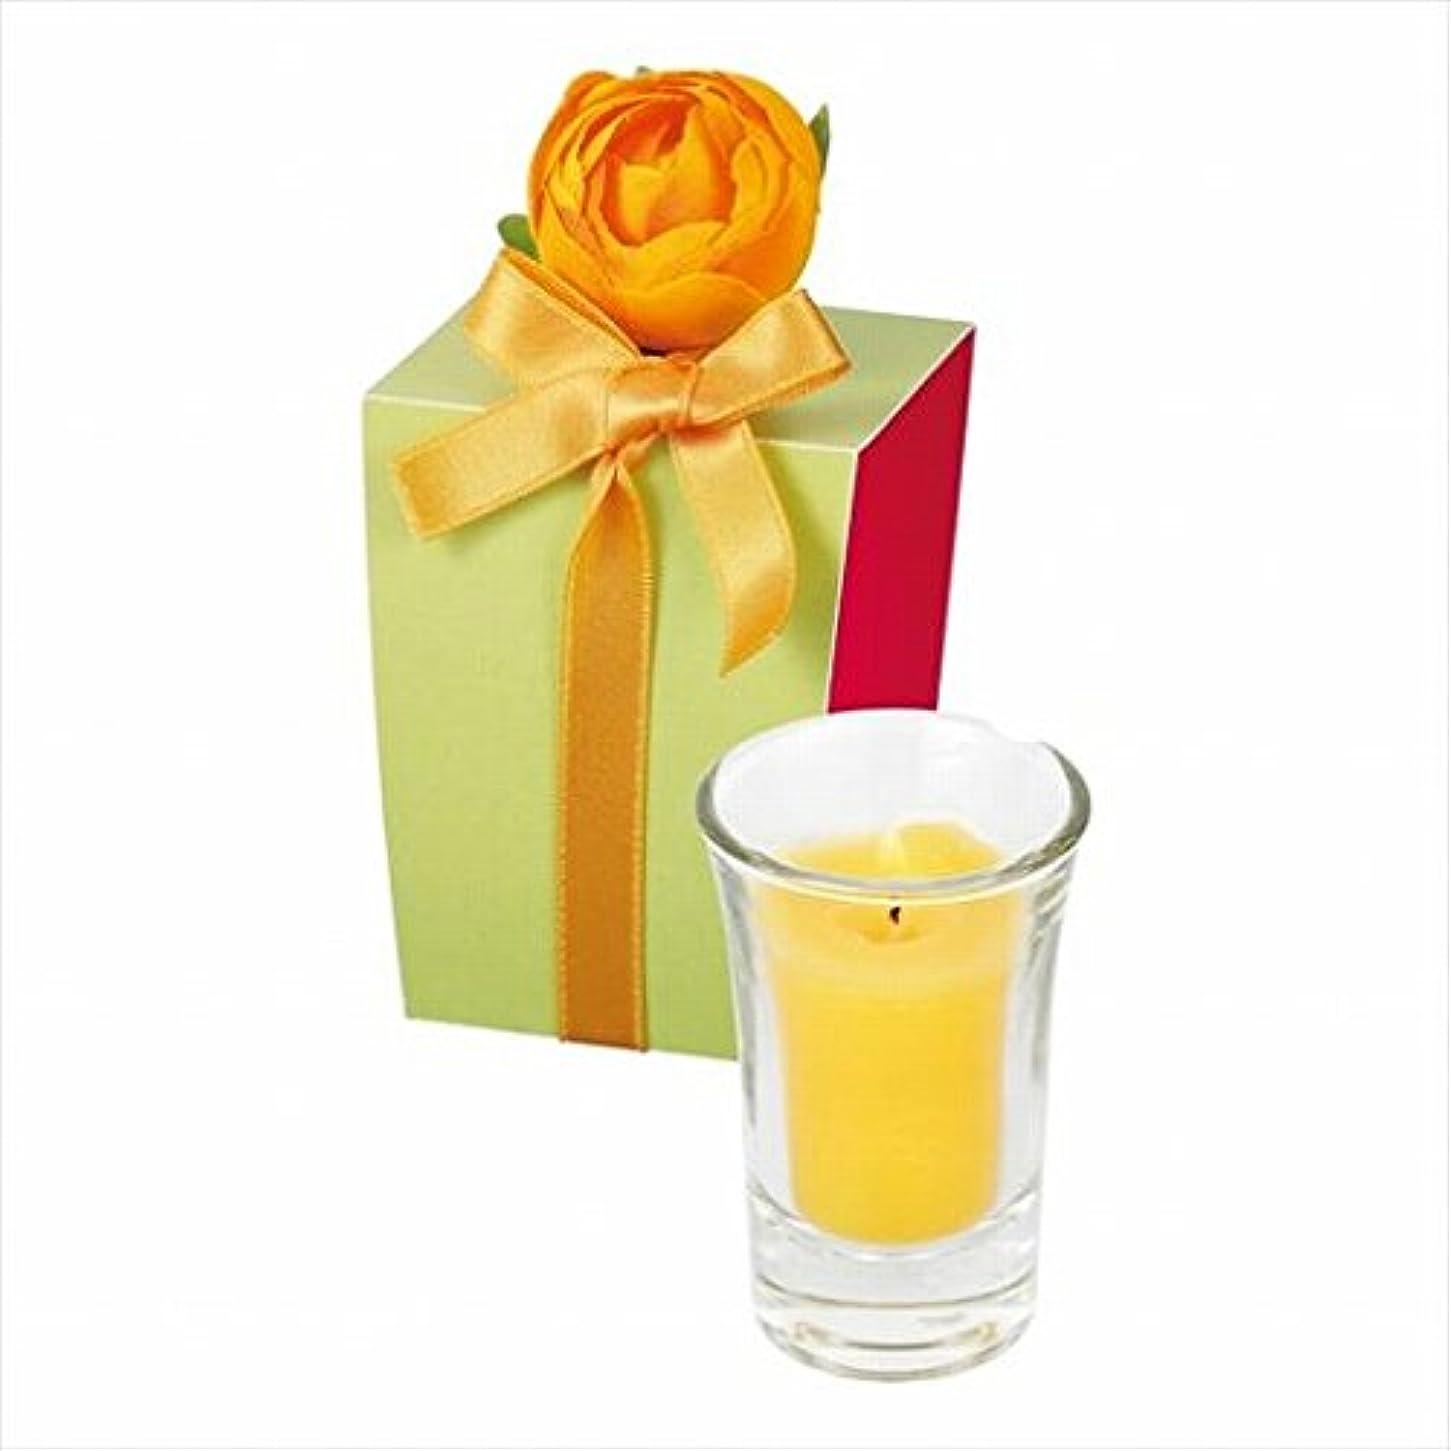 コロニアルクレジットアイザックカメヤマキャンドル(kameyama candle) ラナンキュラスグラスキャンドル 「 イエロー 」